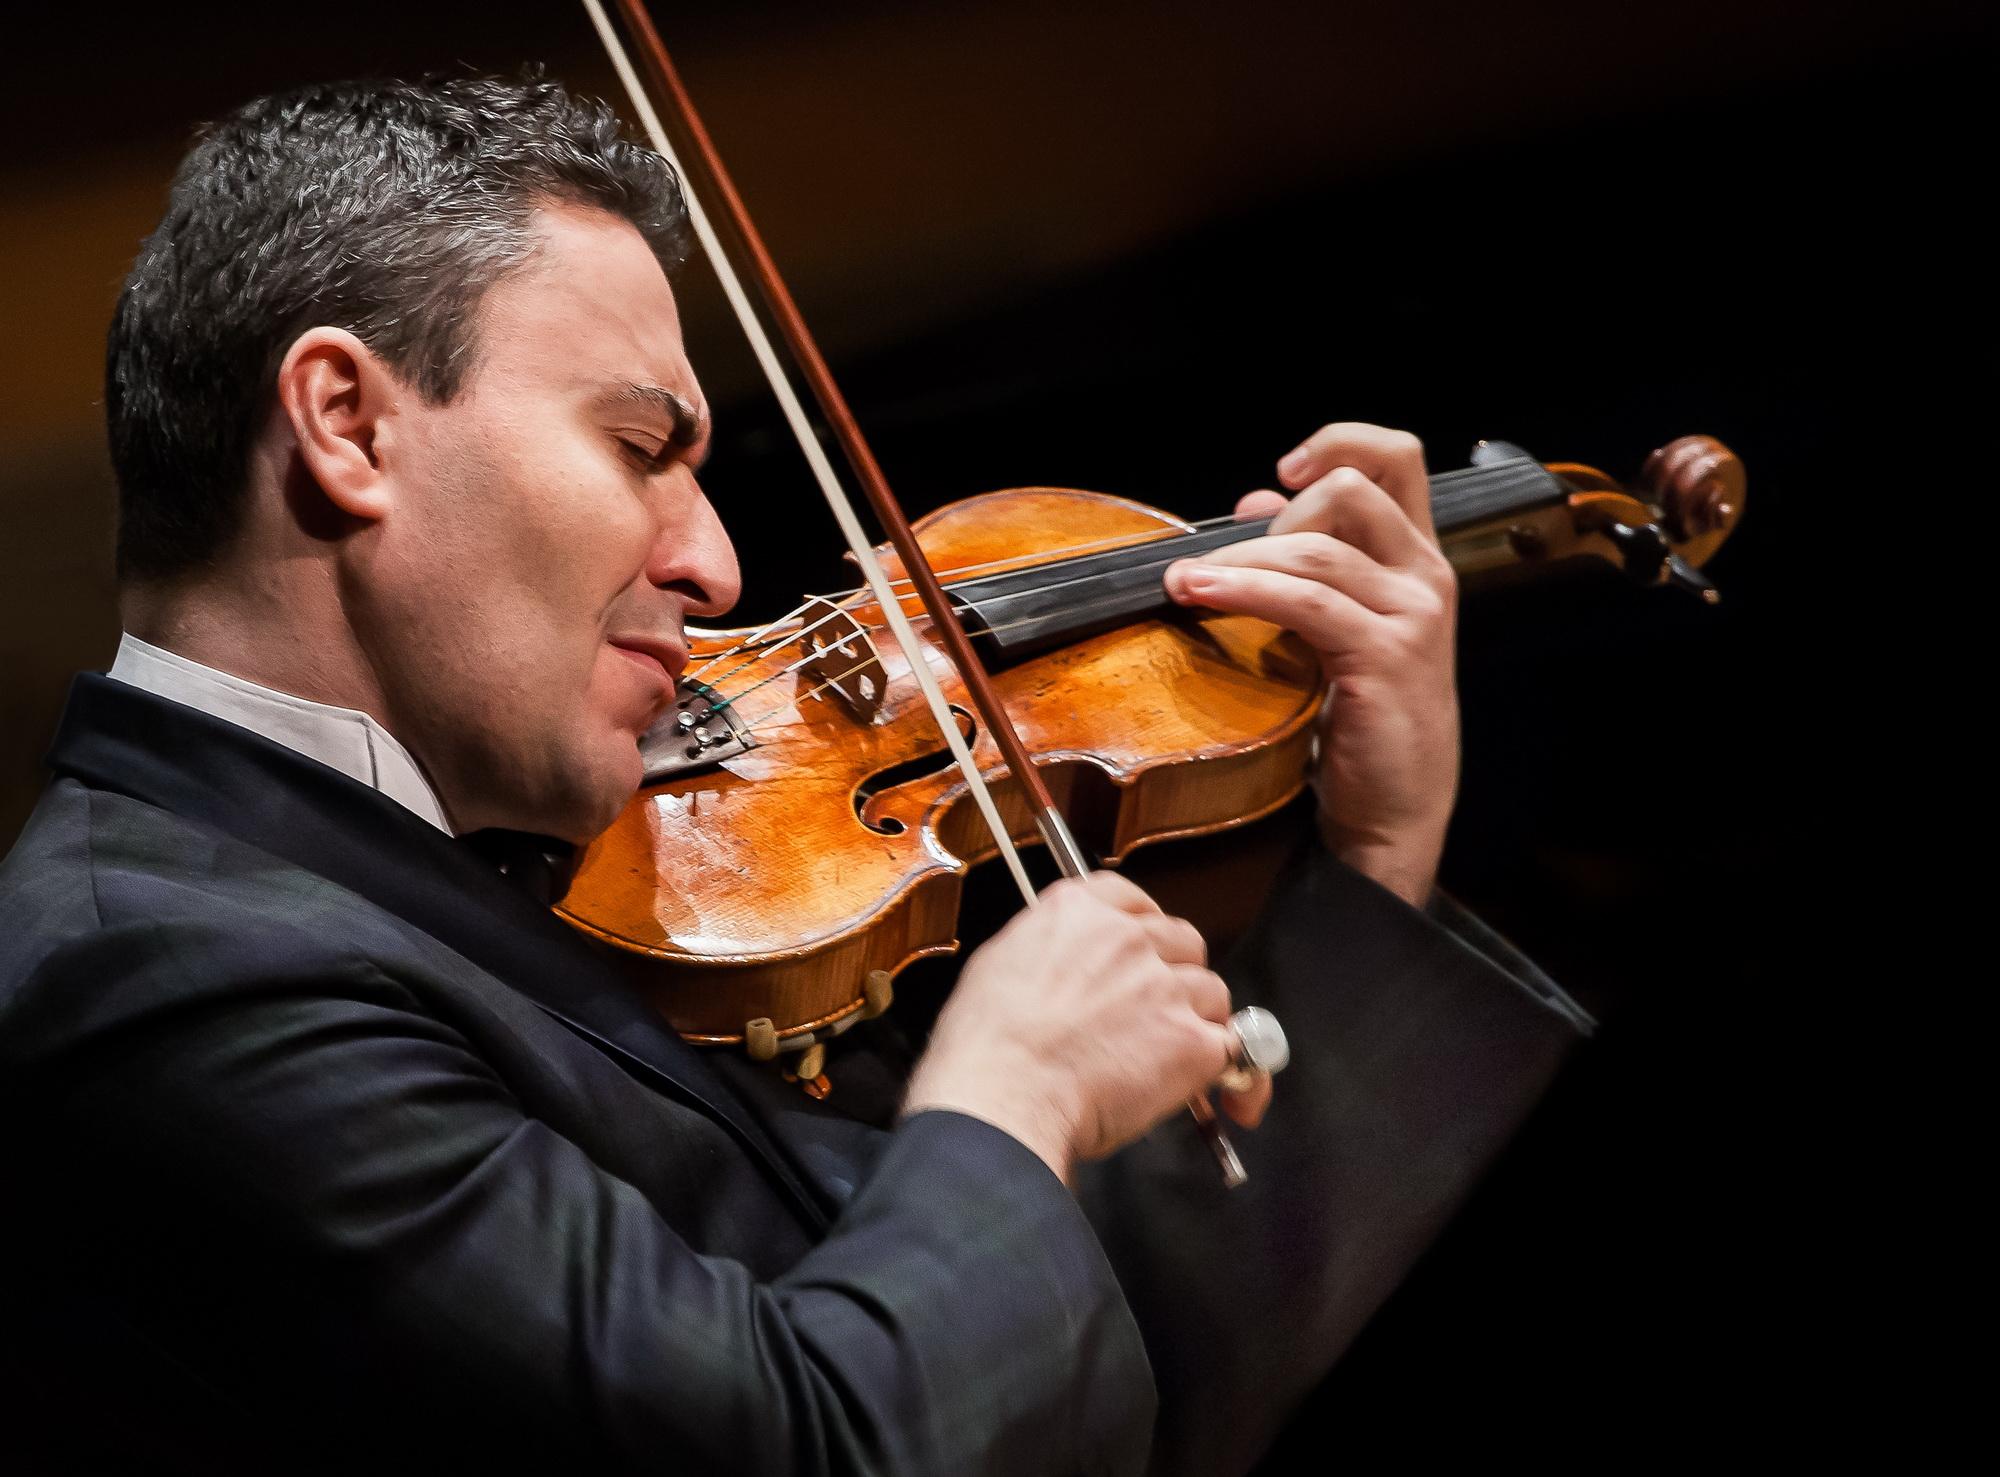 Всемирно известный скрипач Максим Венгеров исполнит концерт Брамса в Израиле